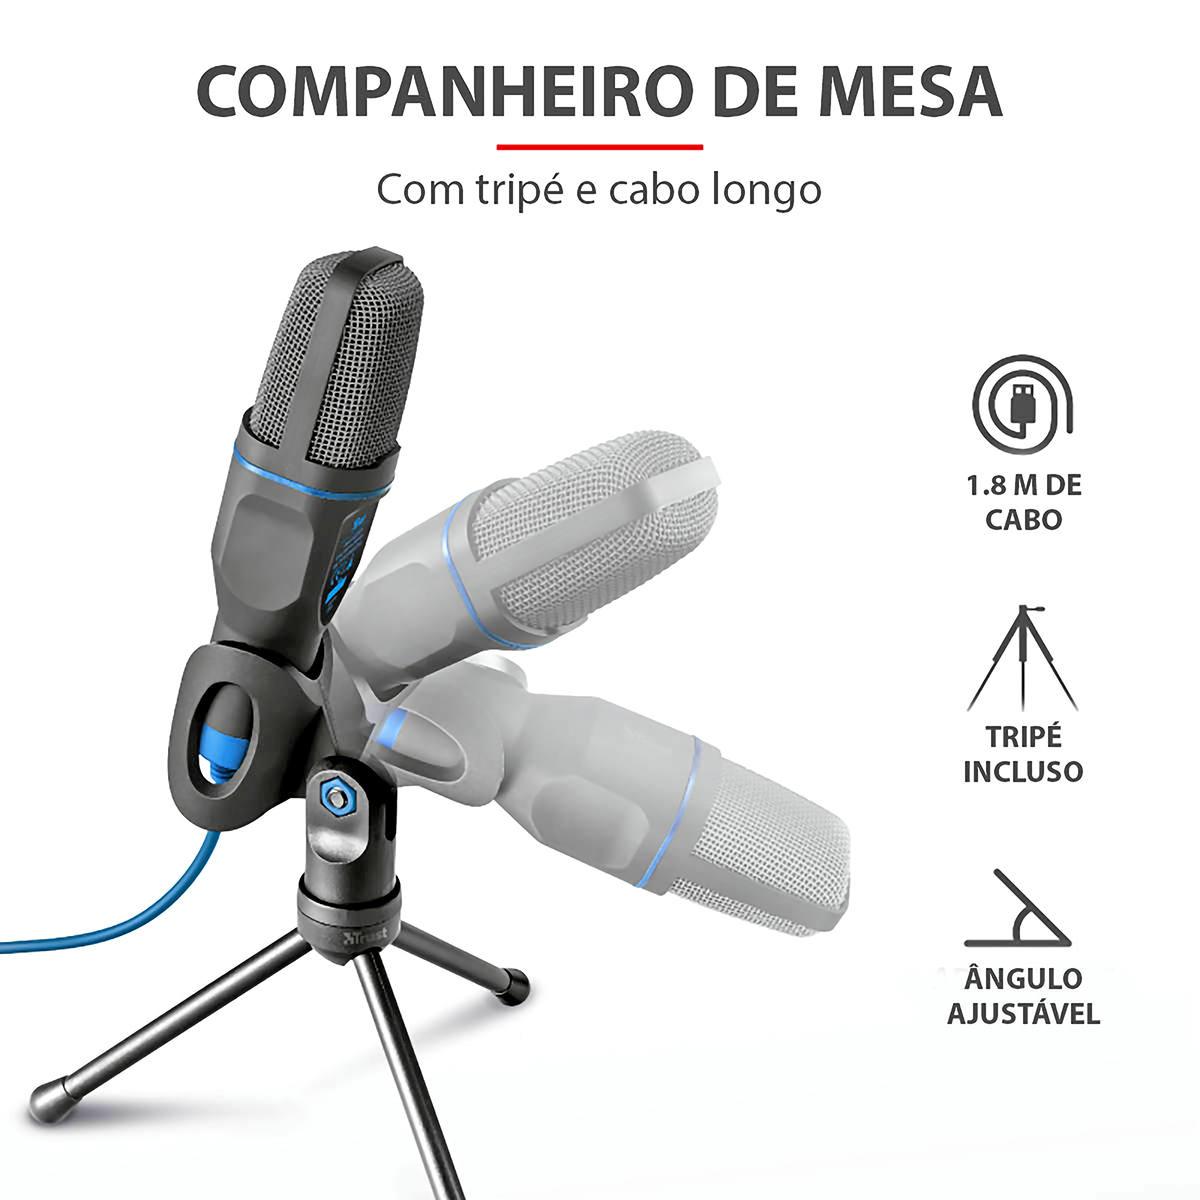 Microfone Condensador para PC e Notebook com Ângulo Ajustável Tripé de Mesa Adaptador USB Trust Mico Blue